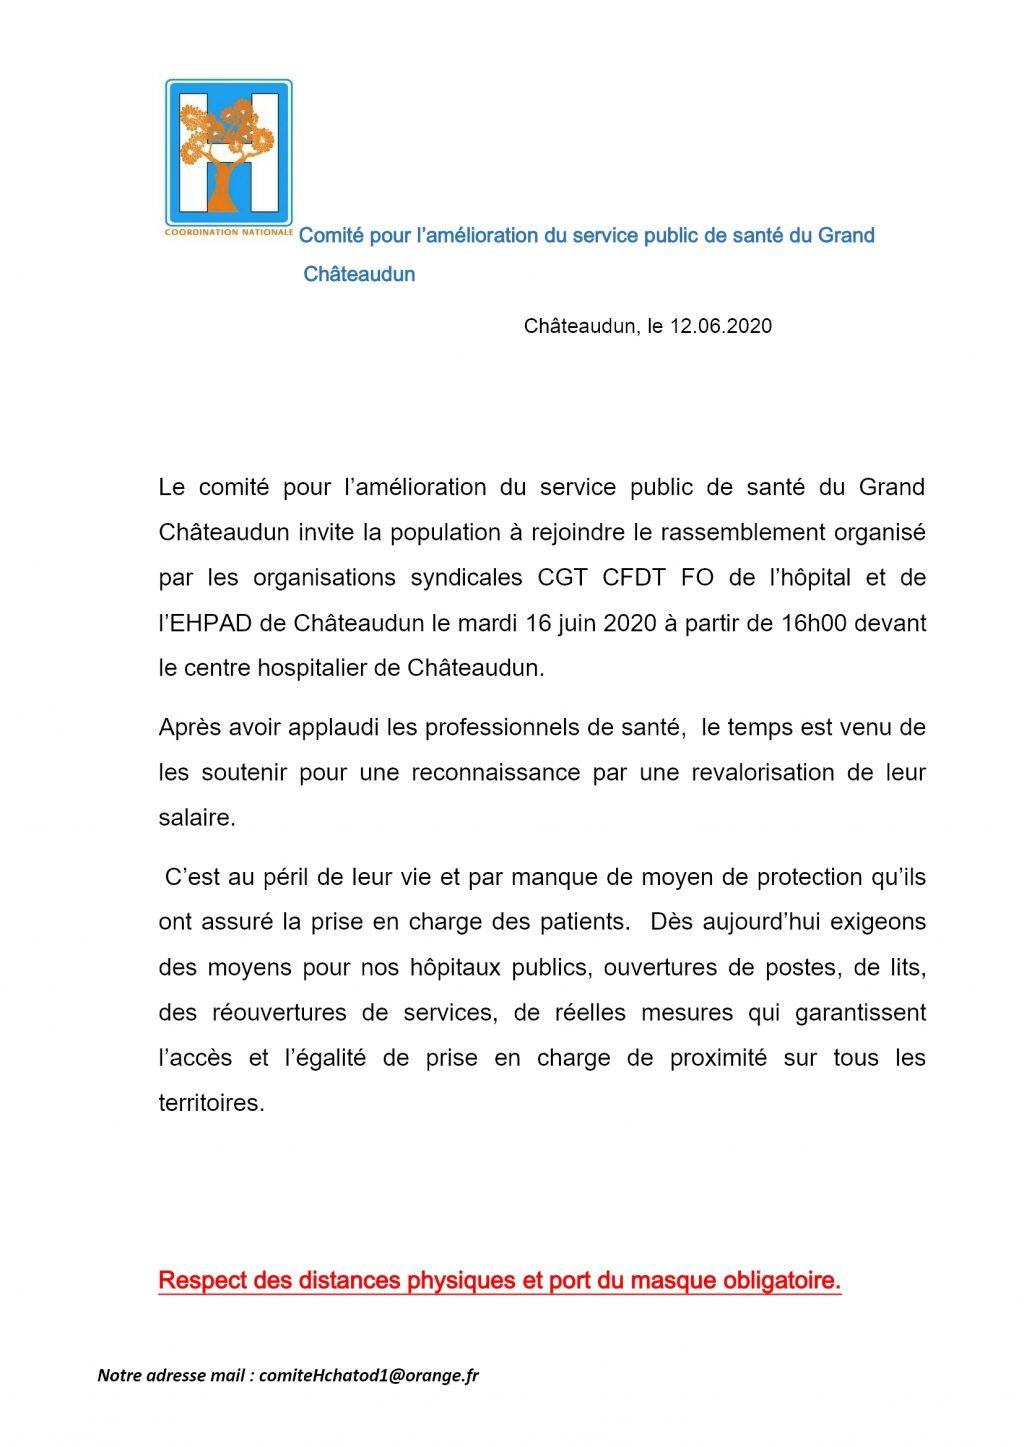 Comité Santé Grand Châteaudun Rassemblement Hôpital Châteaudun le 16 juin 2020